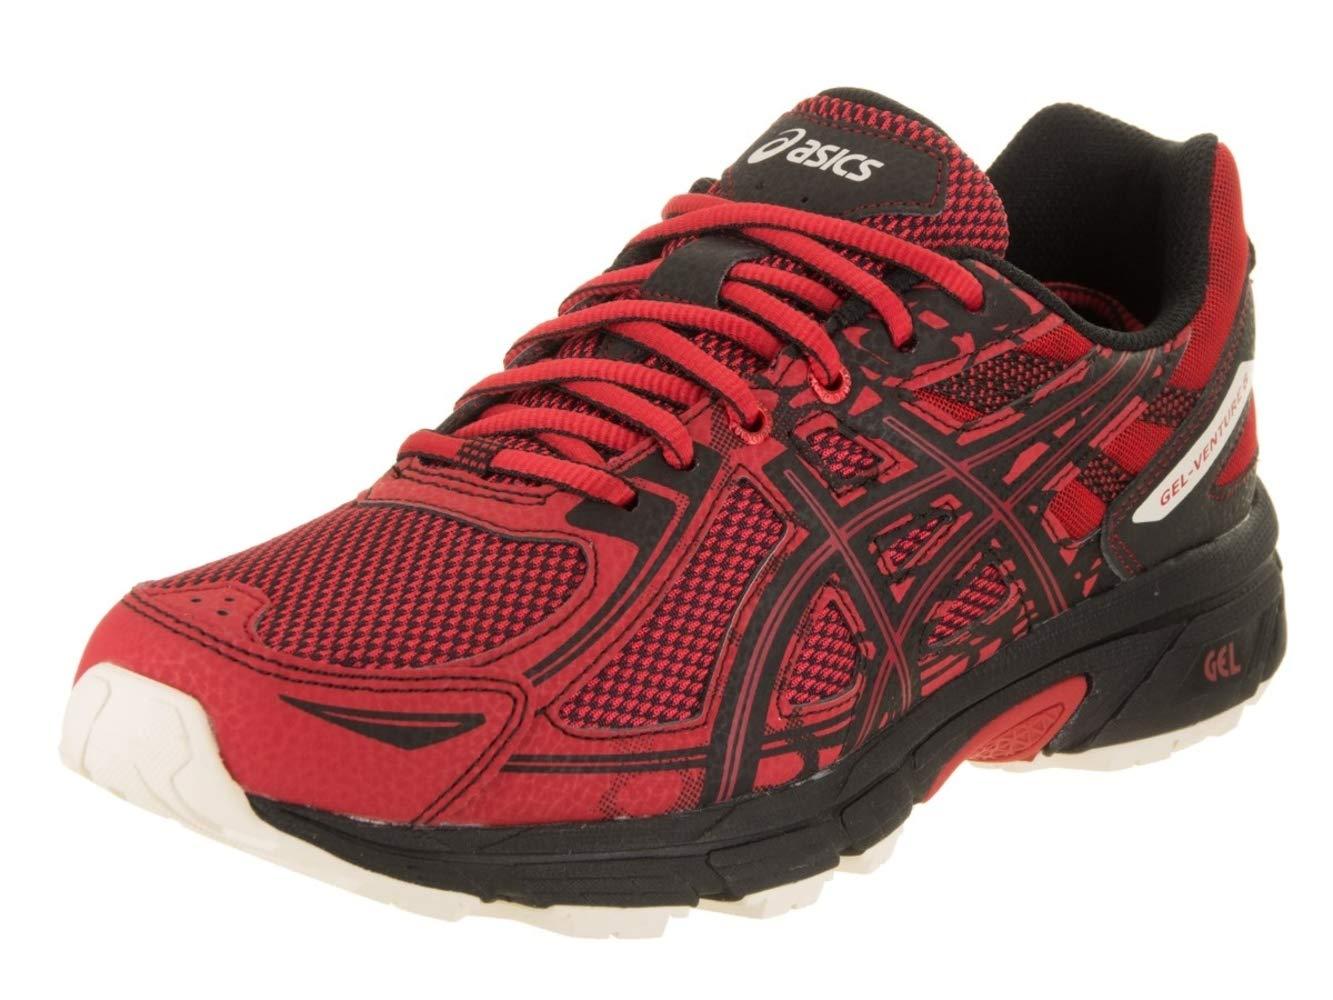 ASICS Mens Gel-Venture 6 Running Shoe, Lychee/Black/Whisper White, 13 by ASICS